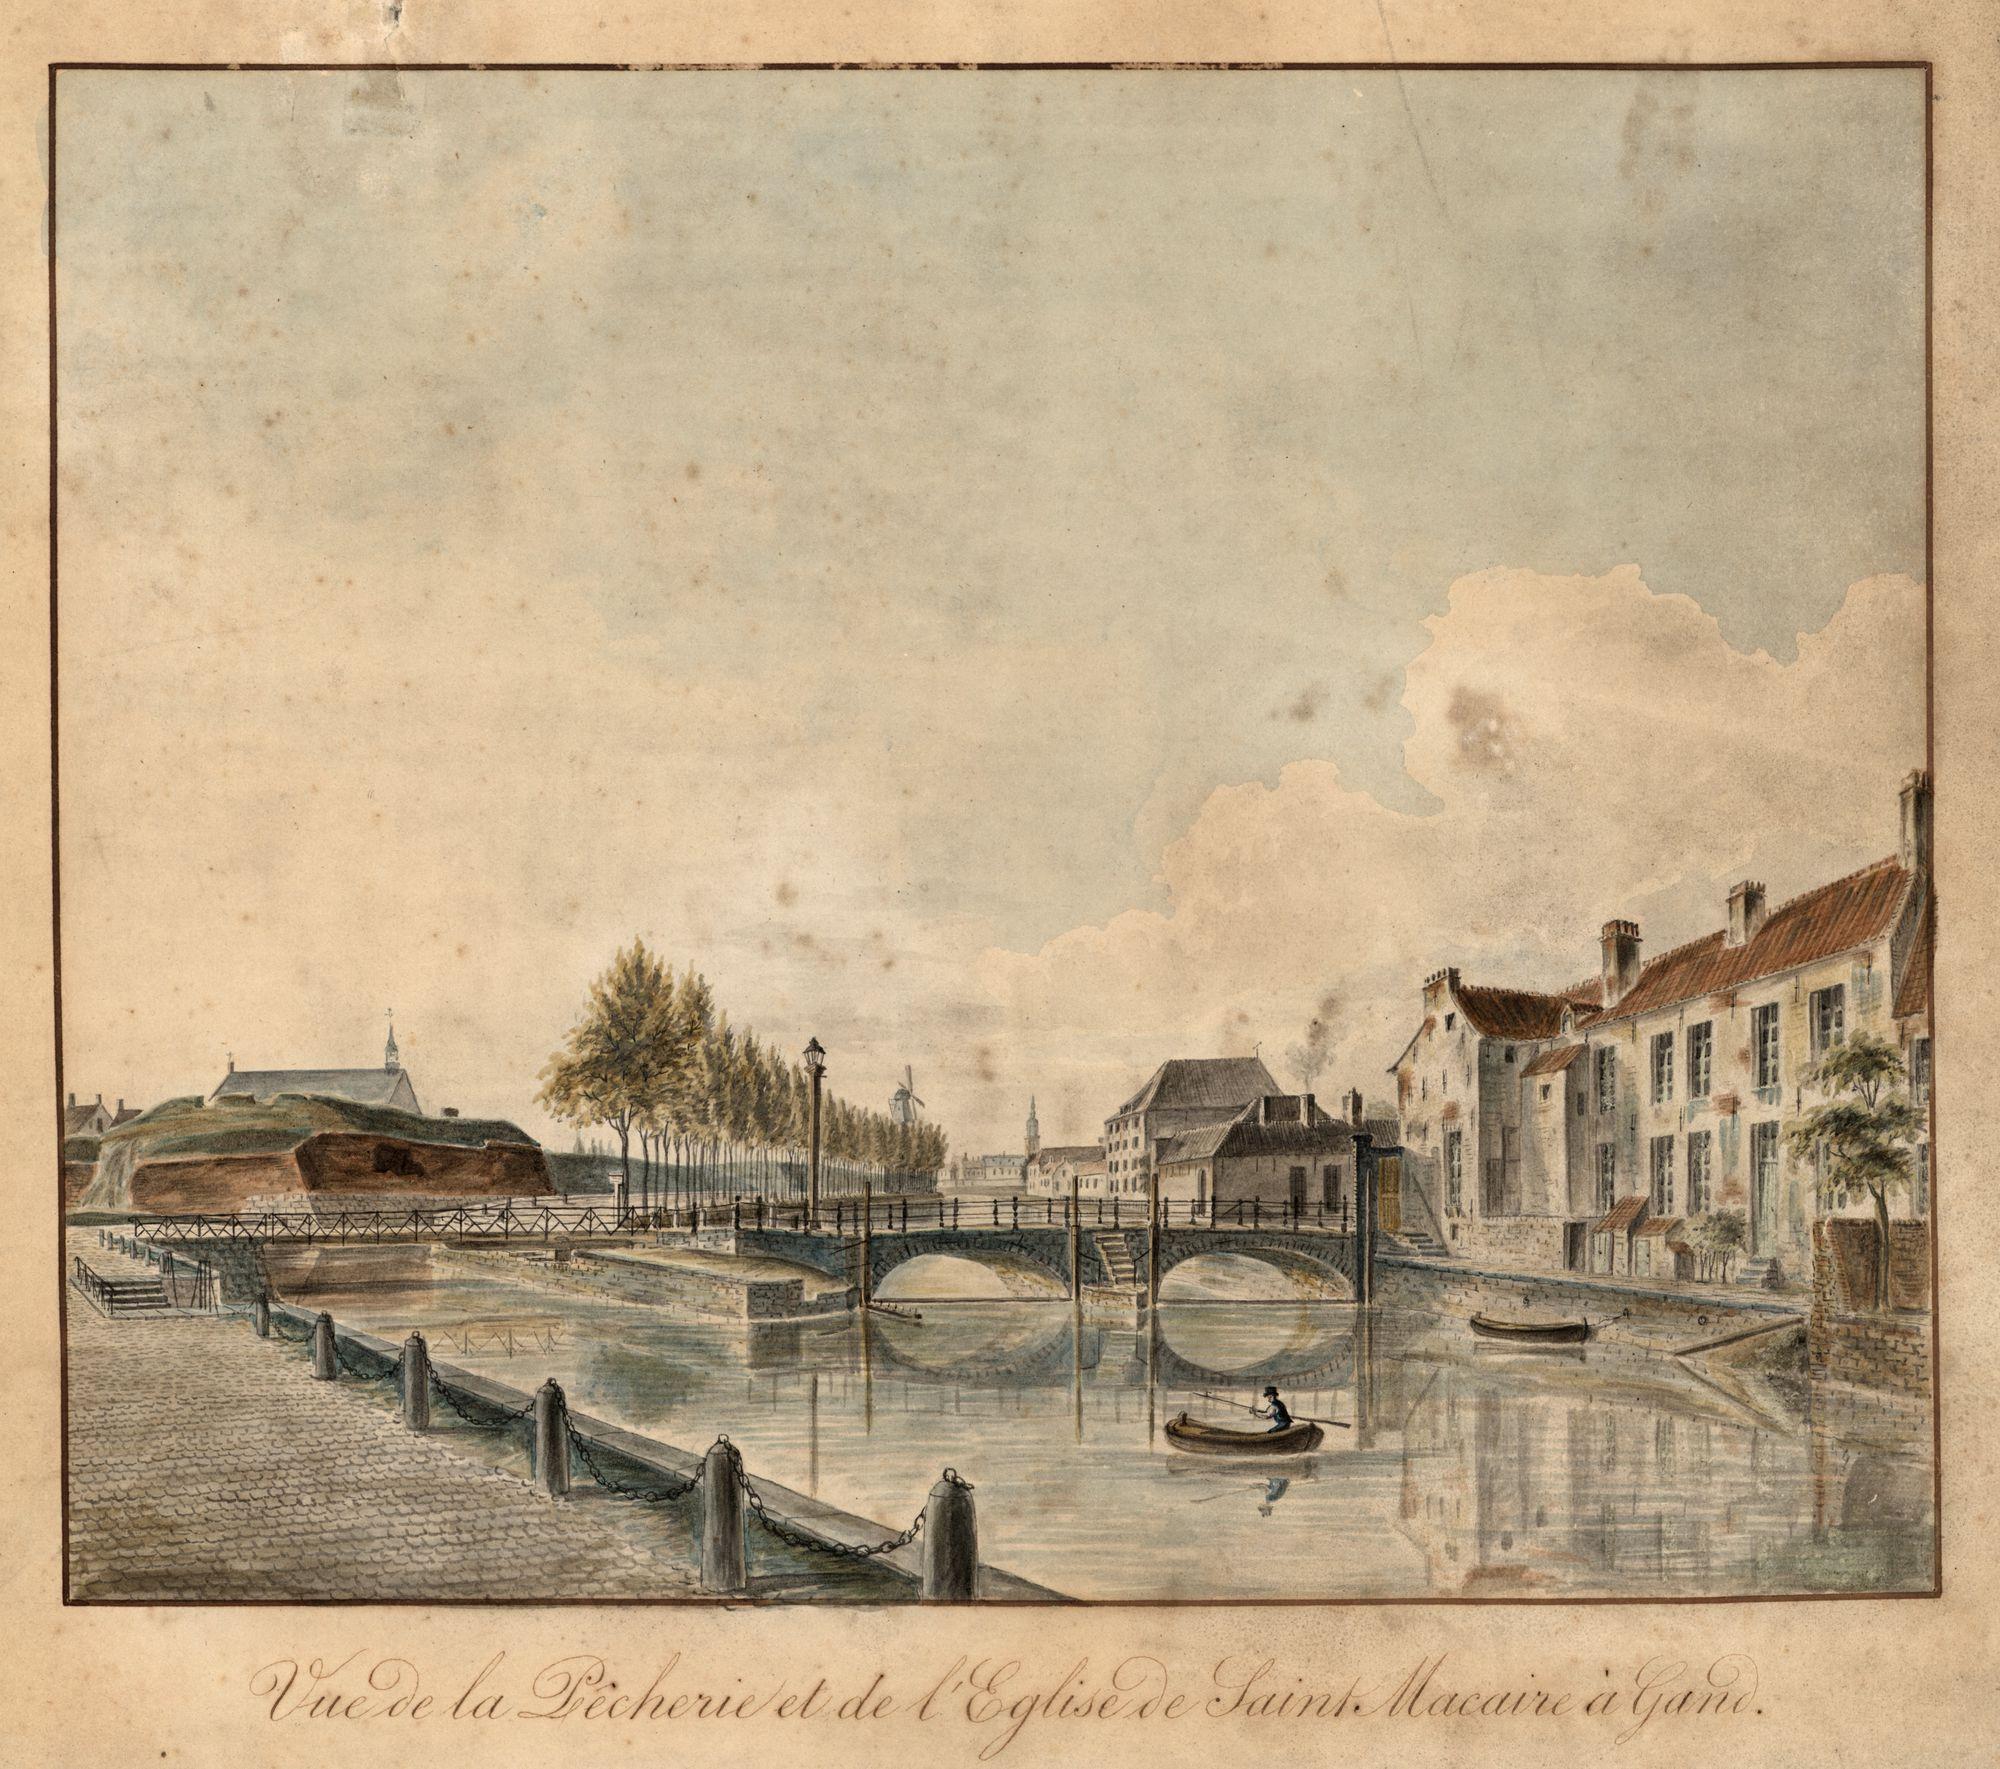 Gent: Tussen 't Pas met Pasbrug, Visserij en ruïnes van het Spanjaardenkasteel